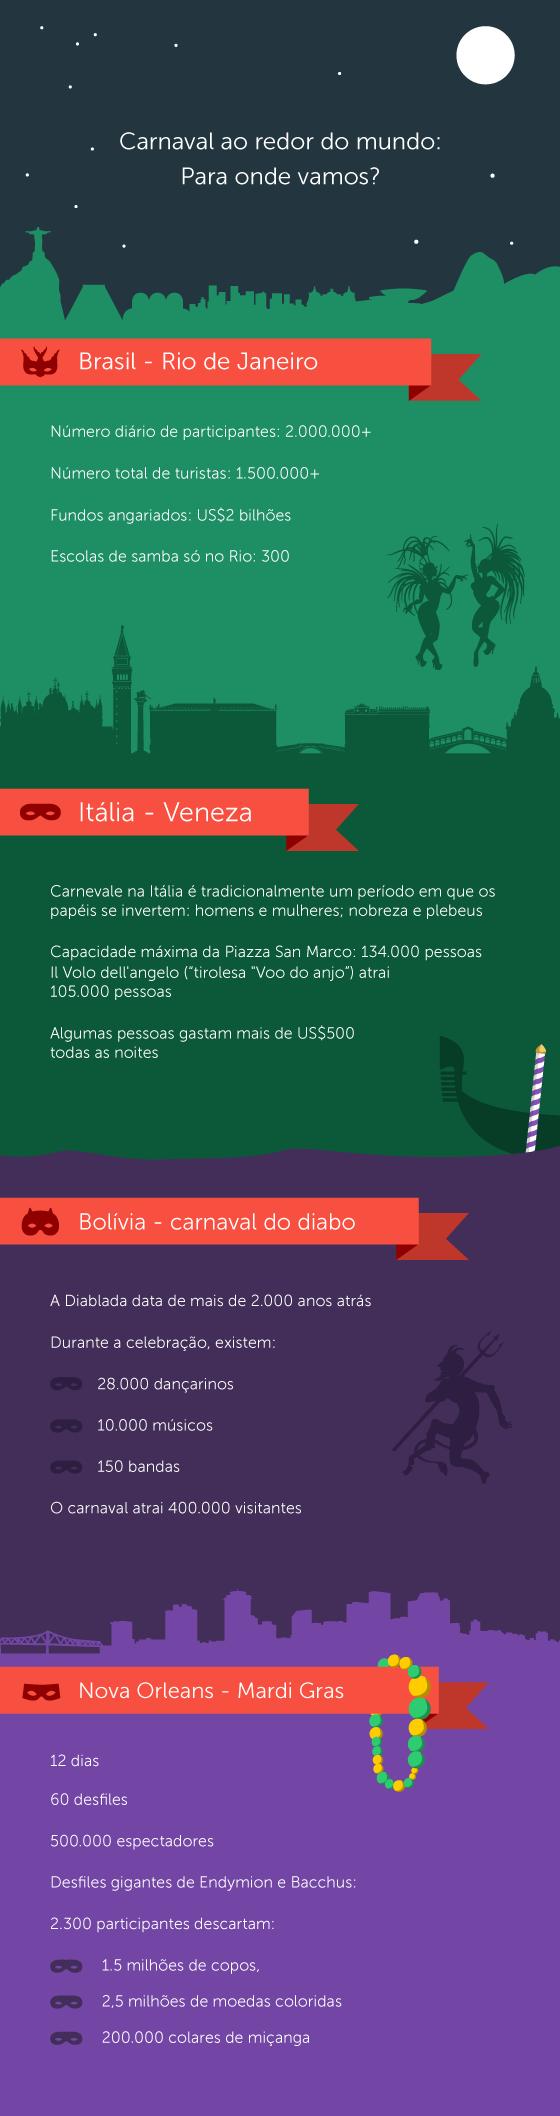 Saiba tudo sobre o carnaval em todo o mundo